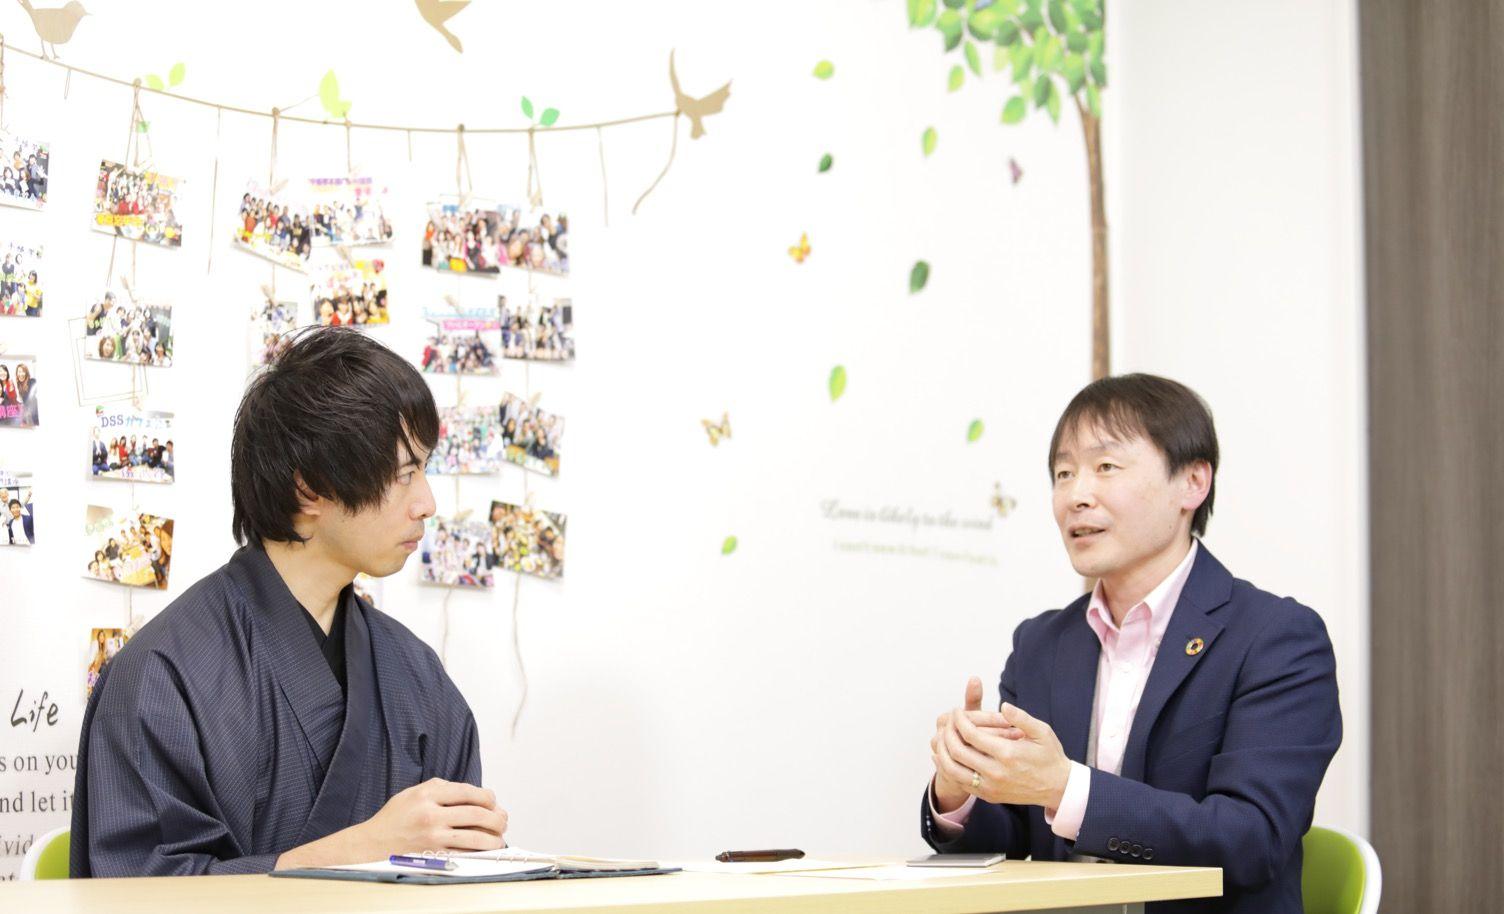 手帳學開発者の山本智章とシックスセカンズジャパン株式会社の三森朋宏氏との対談風景